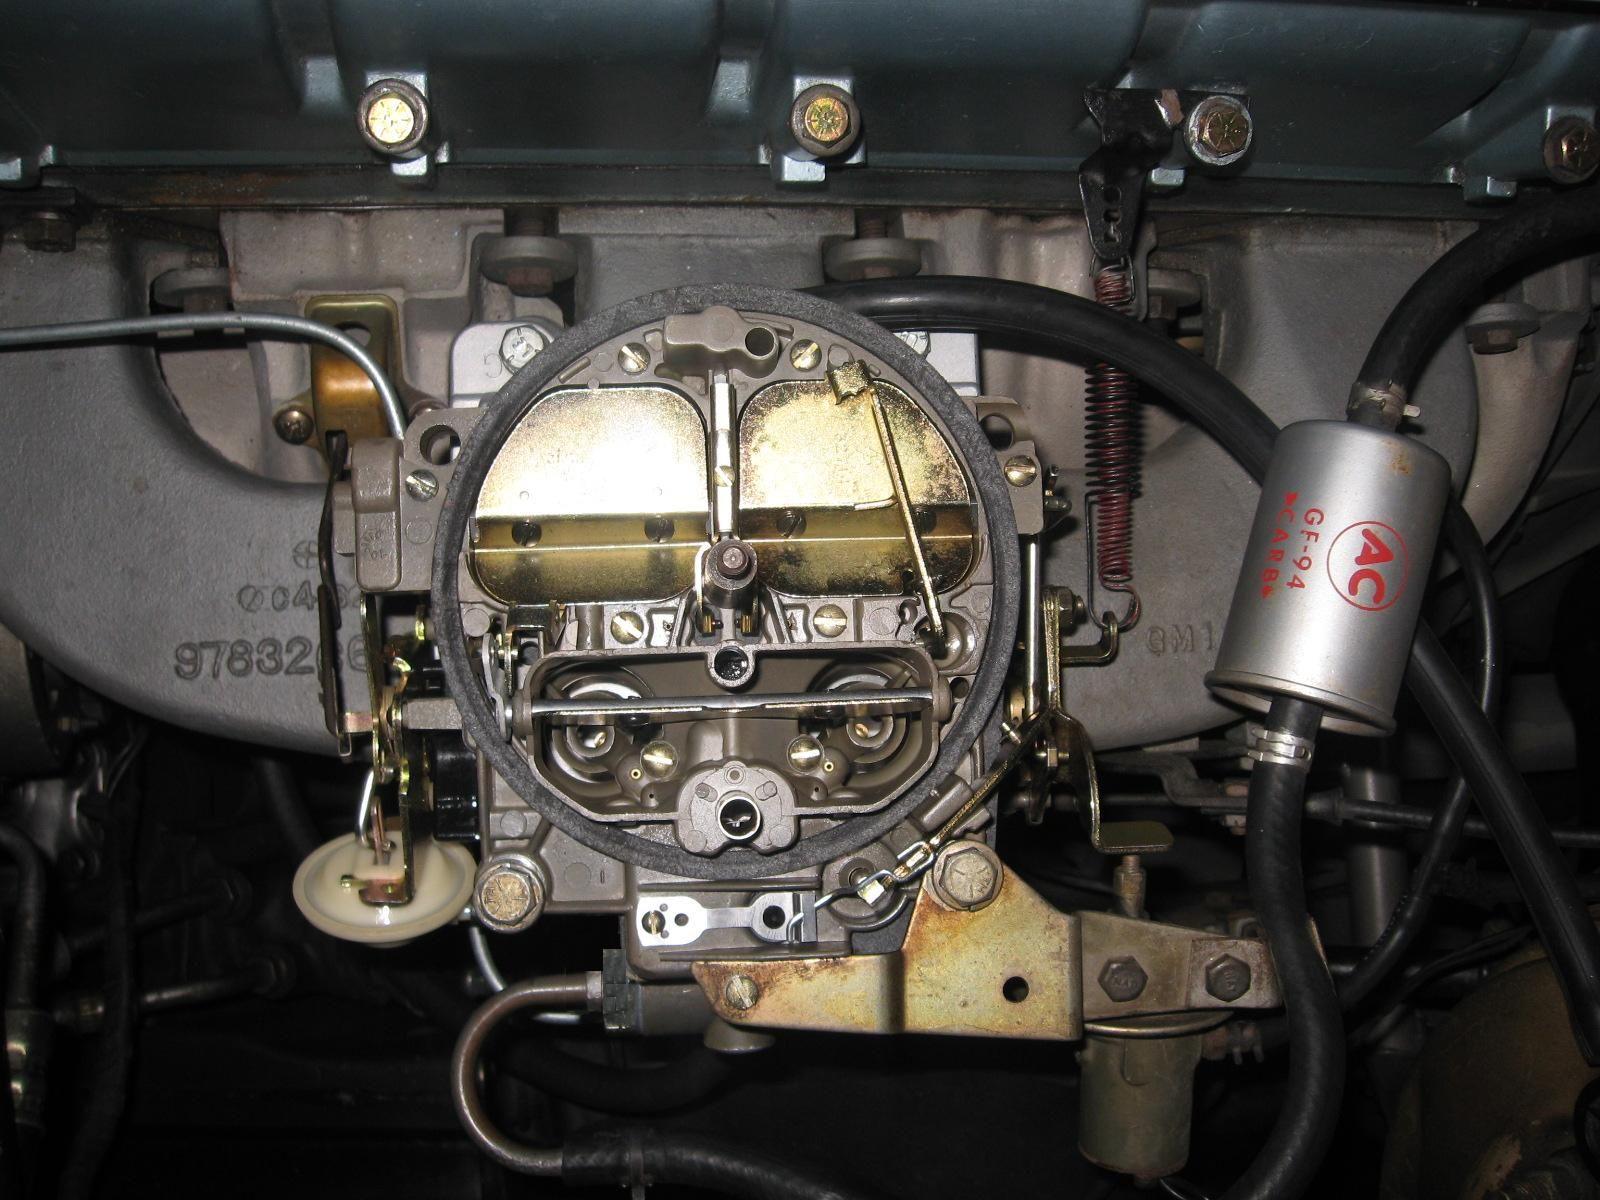 1966 Pontiac Ohc 6 Sprint The 1st Production Pontiac To Use The 4mv Rochester Quadrajet 4bbl Carburetor The Gto Pontiac Lemans Hot Rods Cars Muscle Pontiac